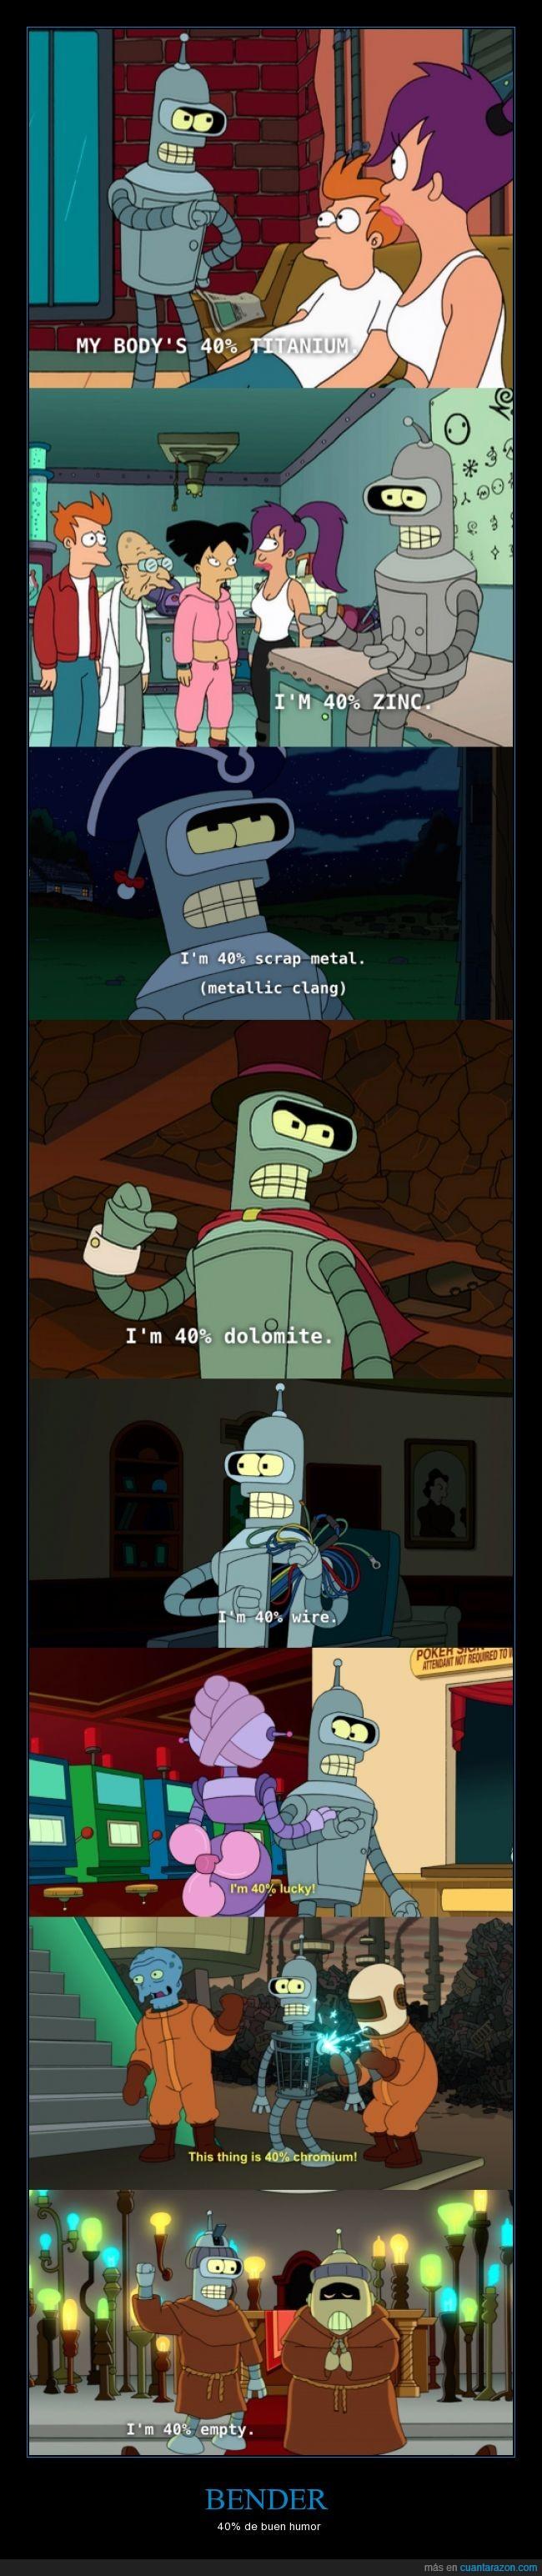 Bender,cables,chromium,dolomita,futurama,porcentaje,suerte,titanio,vacio,zinc